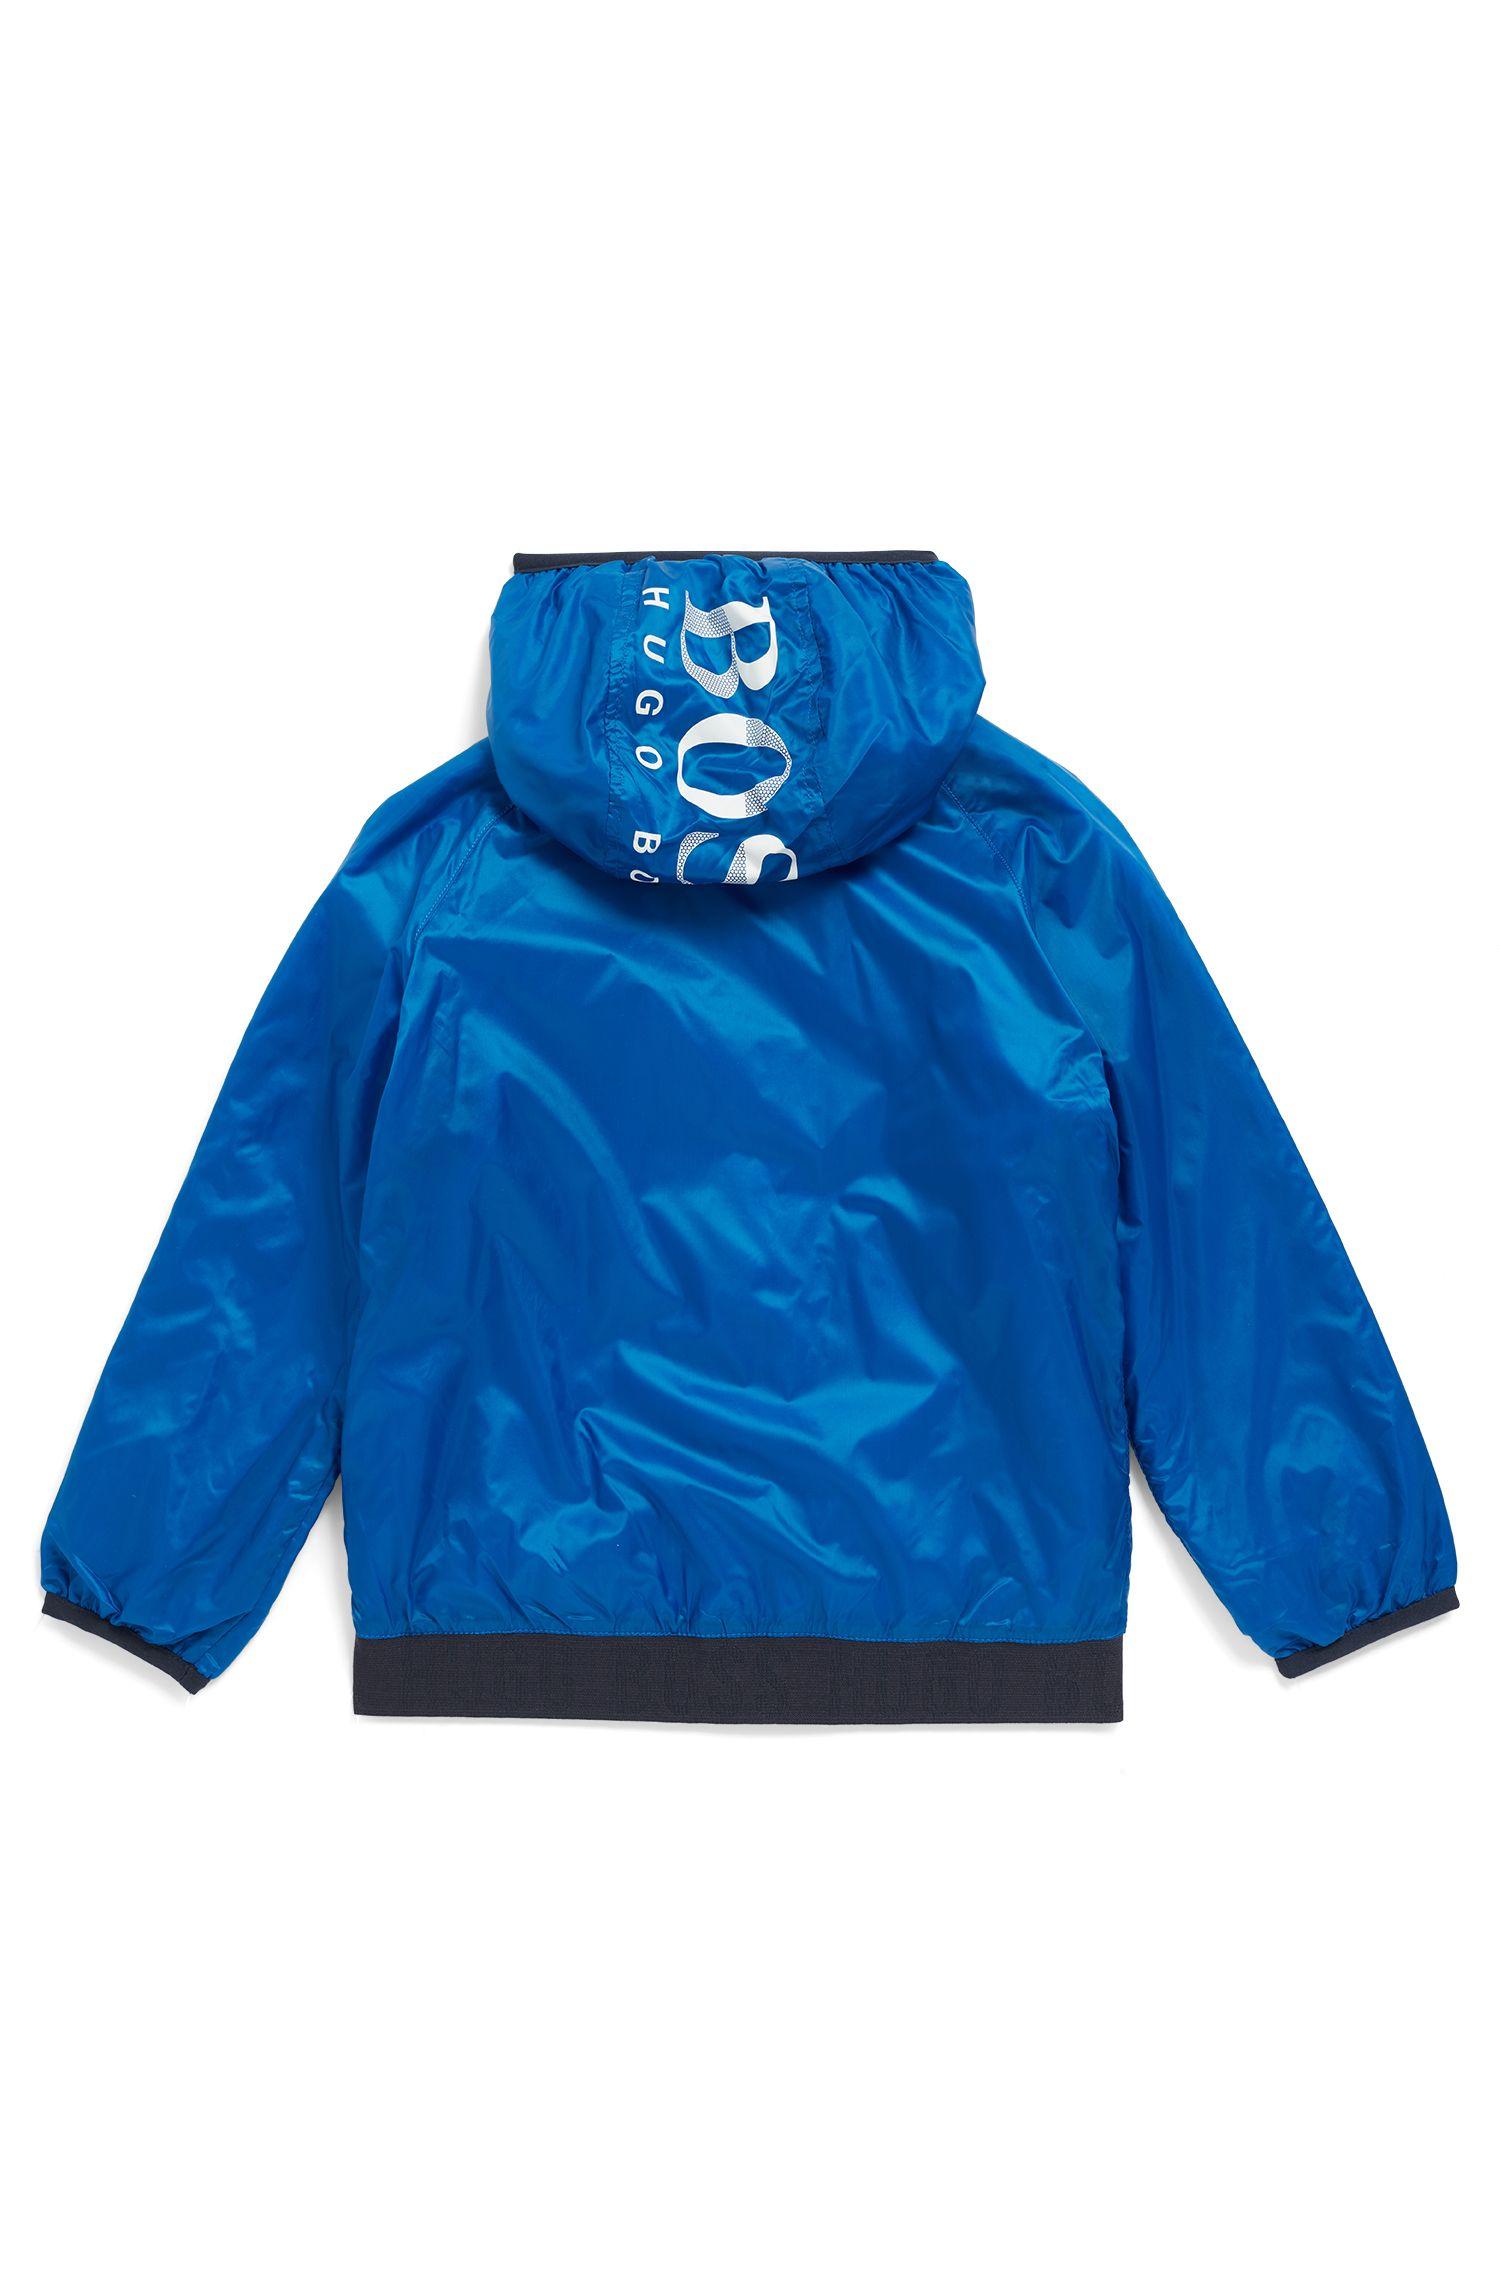 Waterafstotend windjack voor kinderen, met capuchon met logo, Blauw